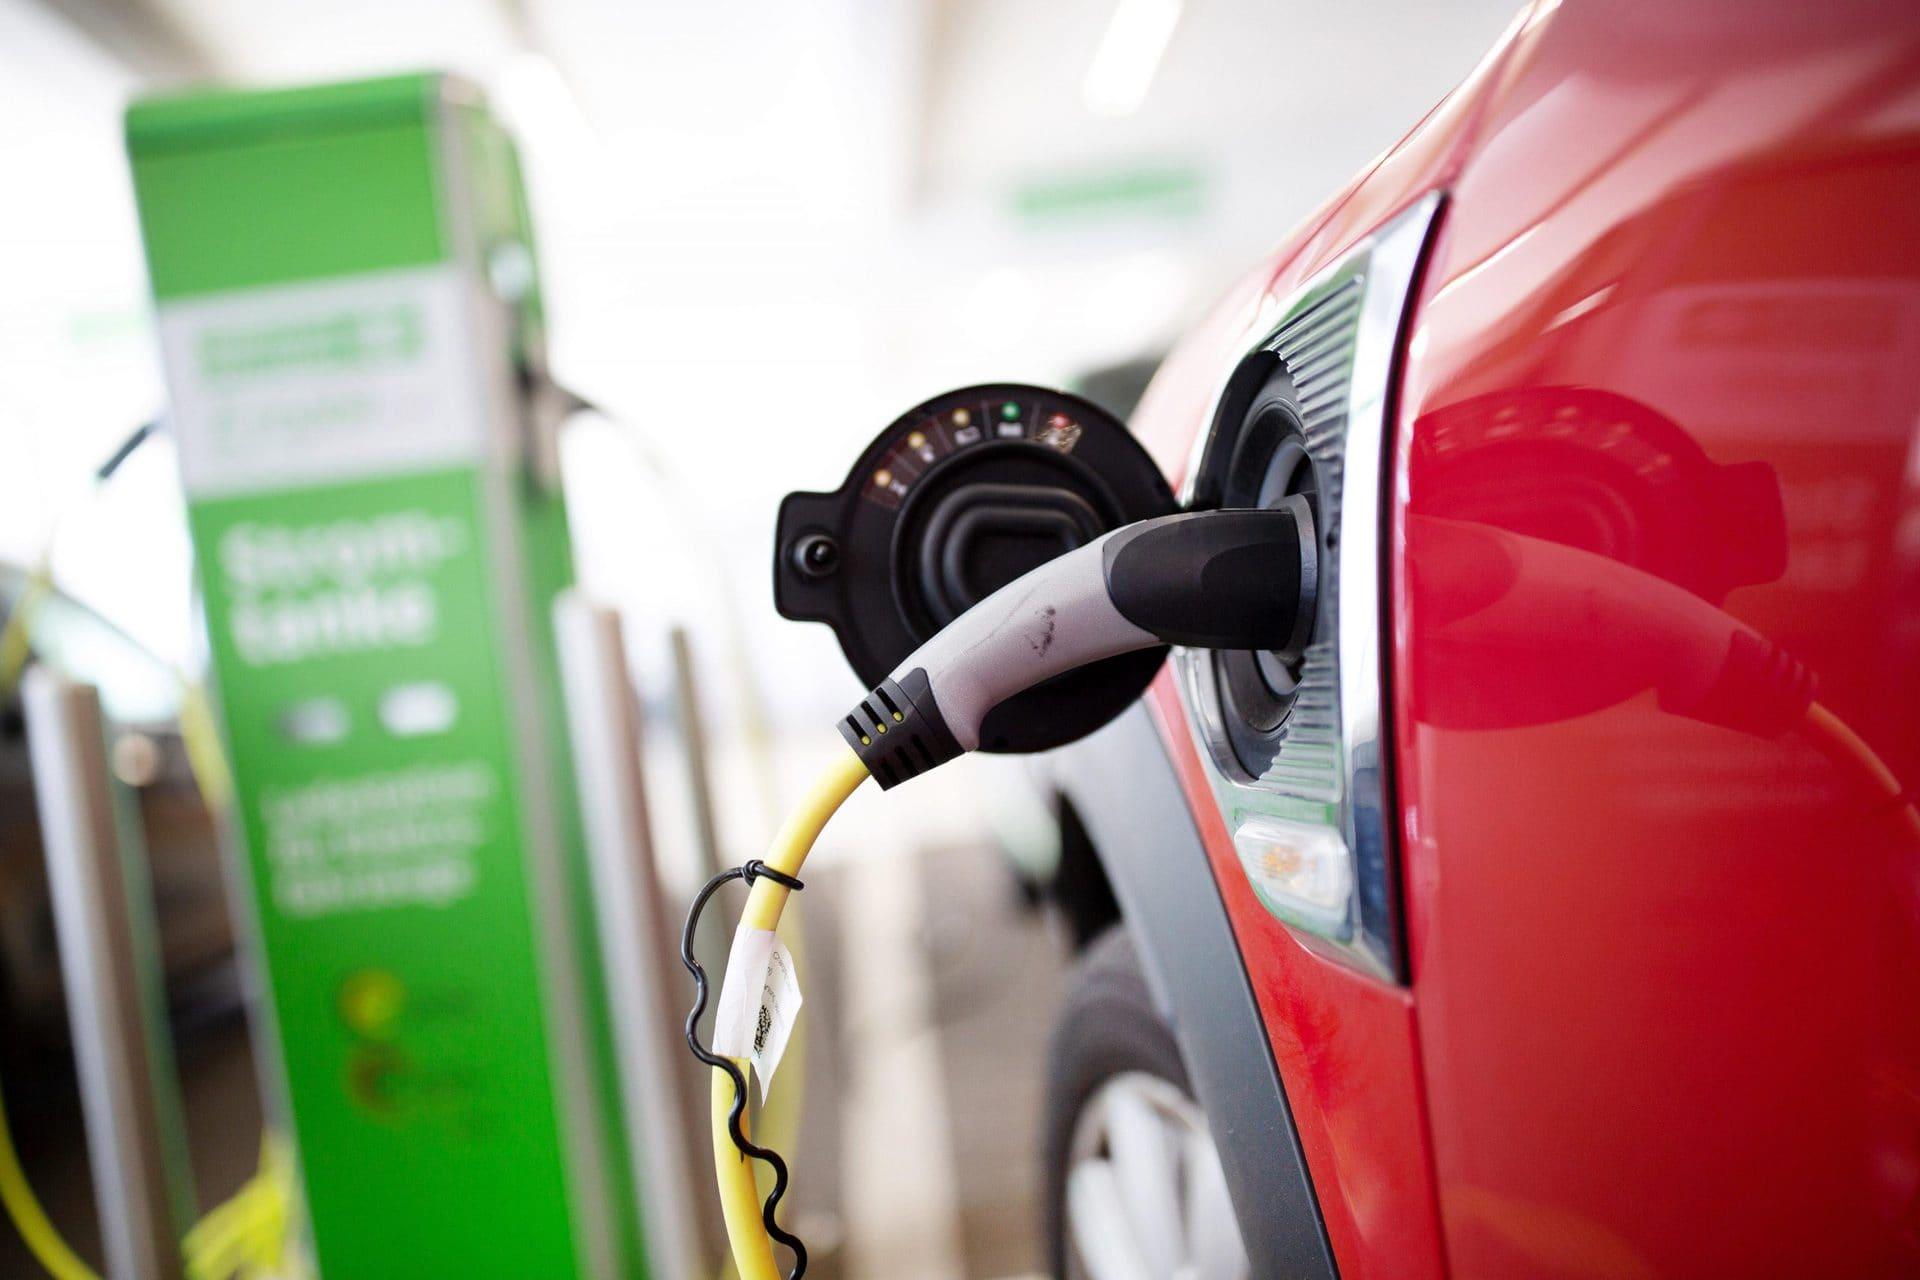 Hohe Subventionen machen E-Autos plötzlich zu Rennern Strohfeuer?